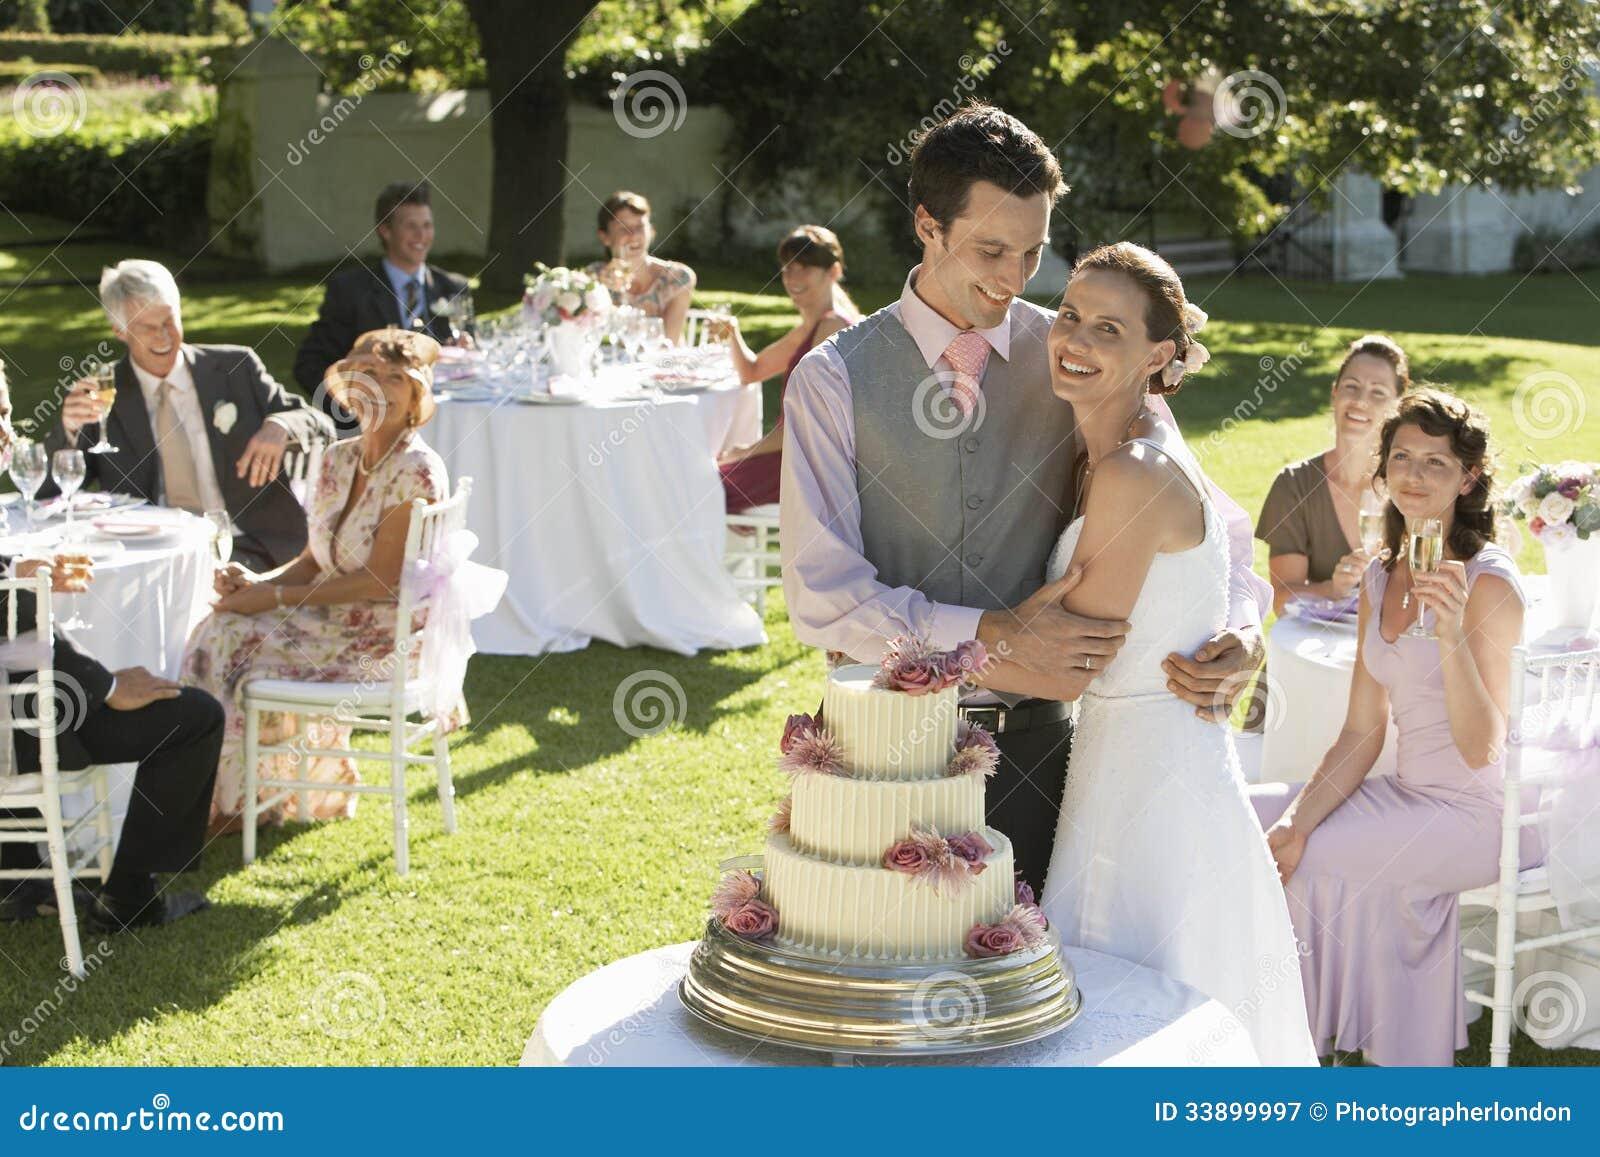 Szczęśliwy państwo młodzi Przed Ślubnym tortem W ogródzie